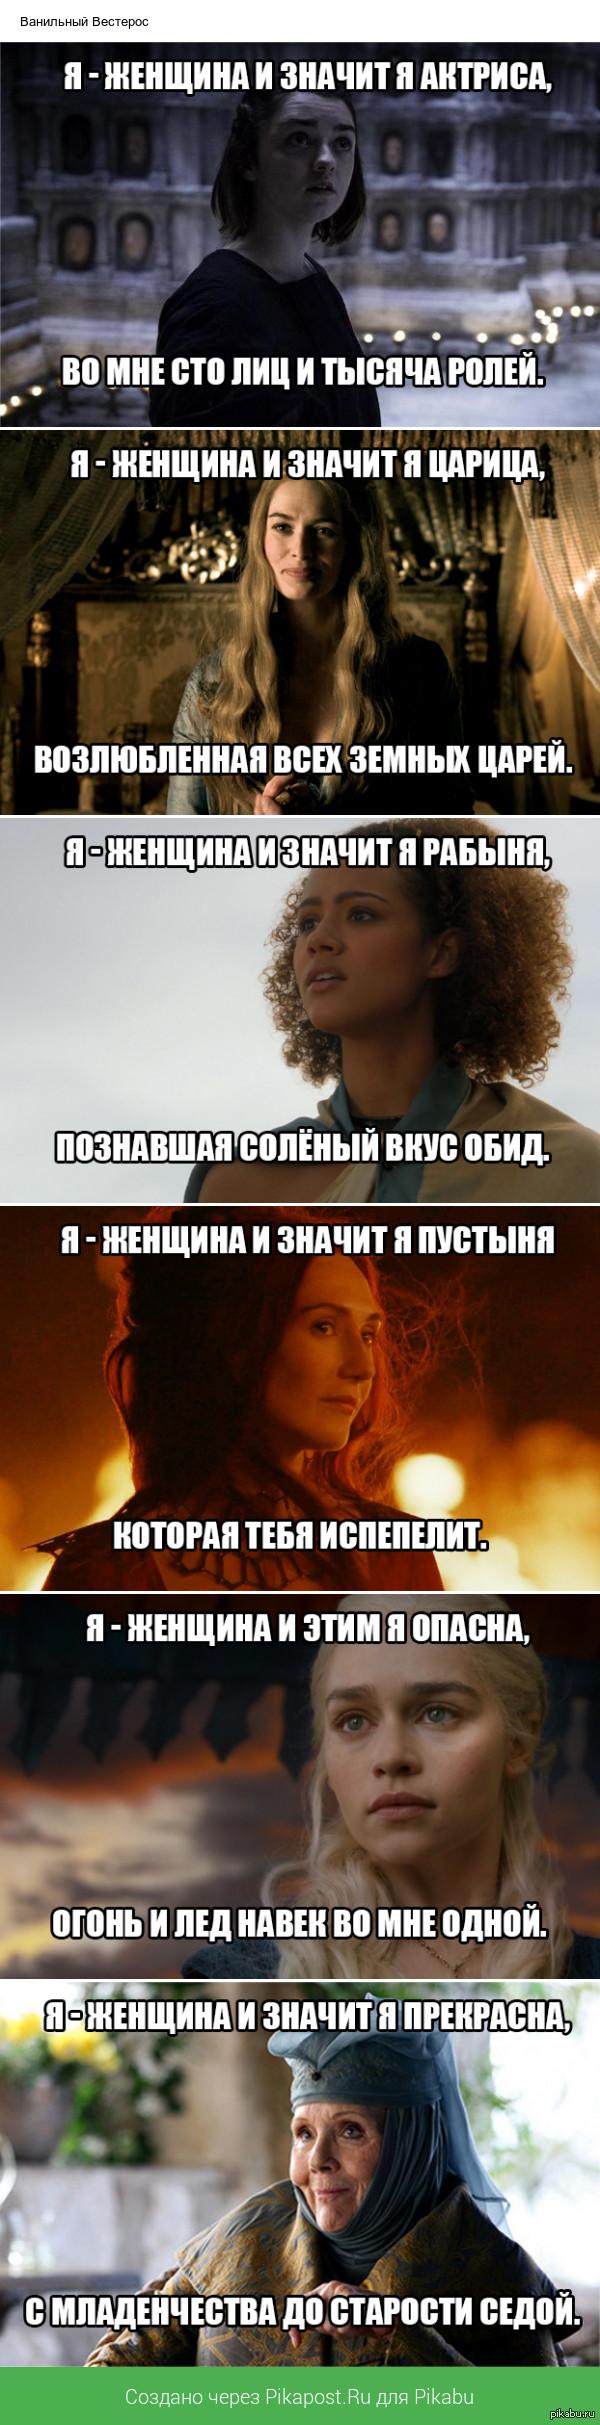 Ванильный Вестерос